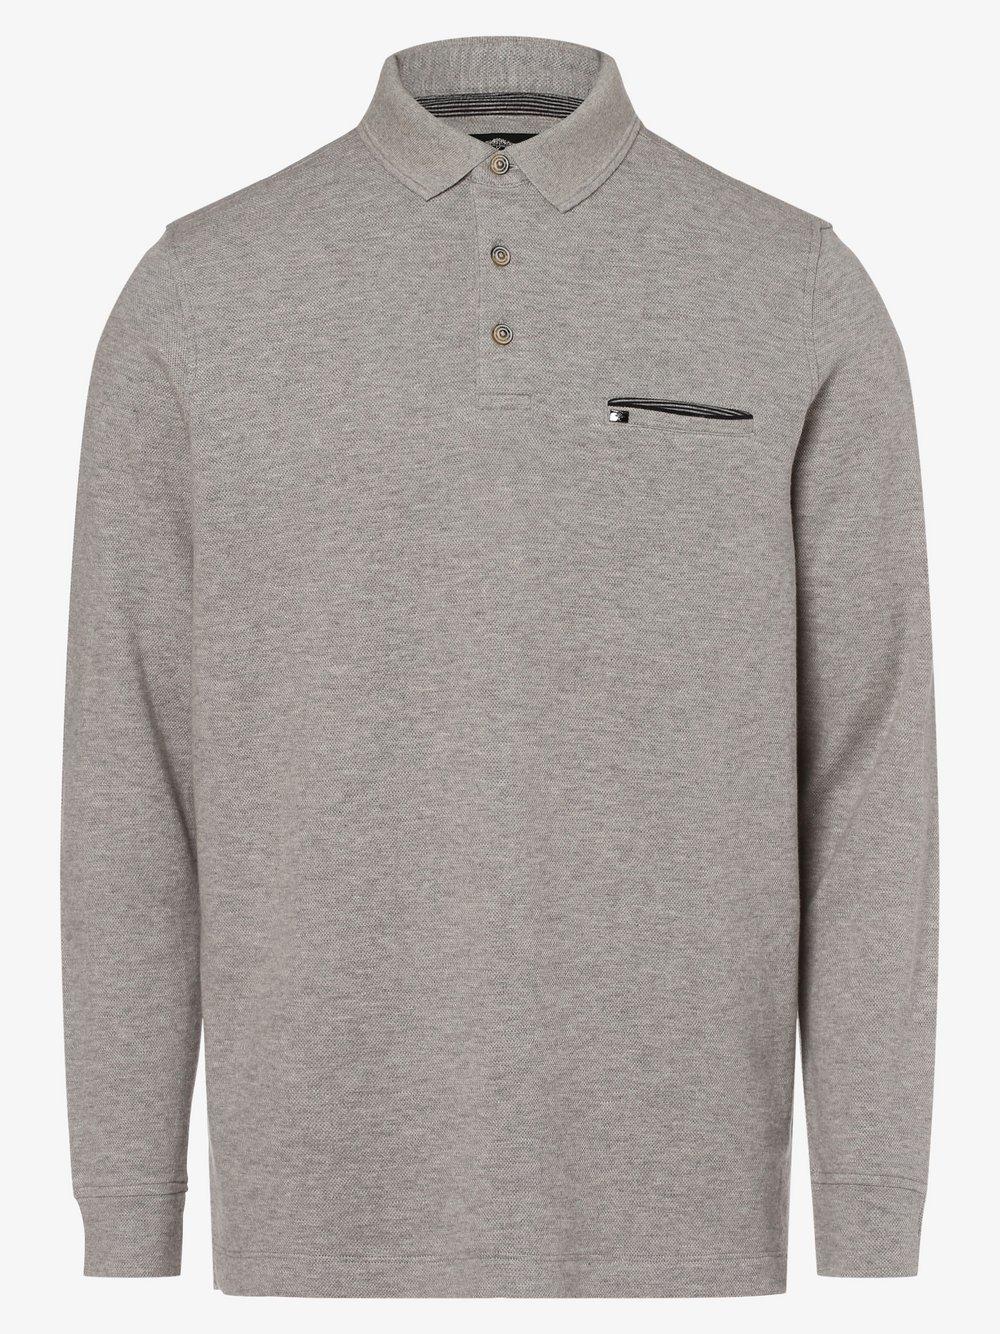 Fynch-Hatton – Męska koszulka polo, szary Van Graaf 482350-0002-09900